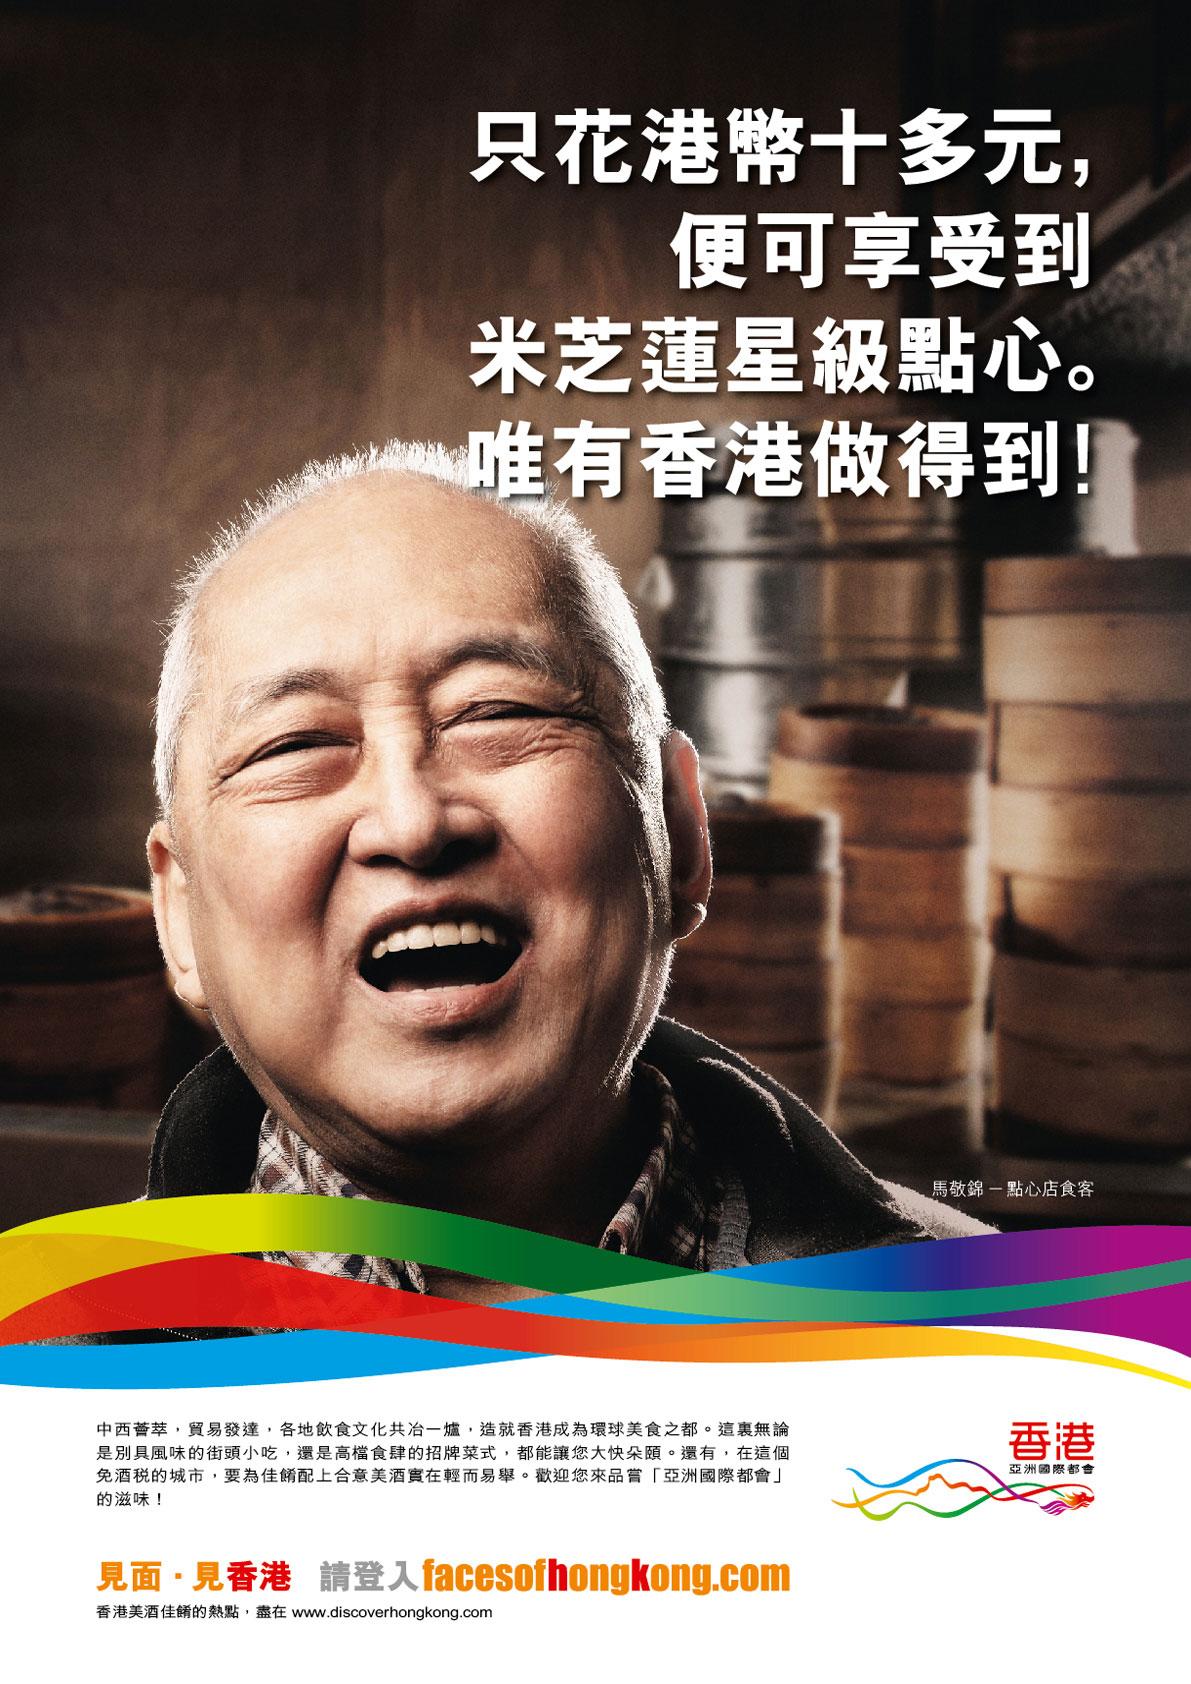 見面 • 見香港 - 馬敬錦